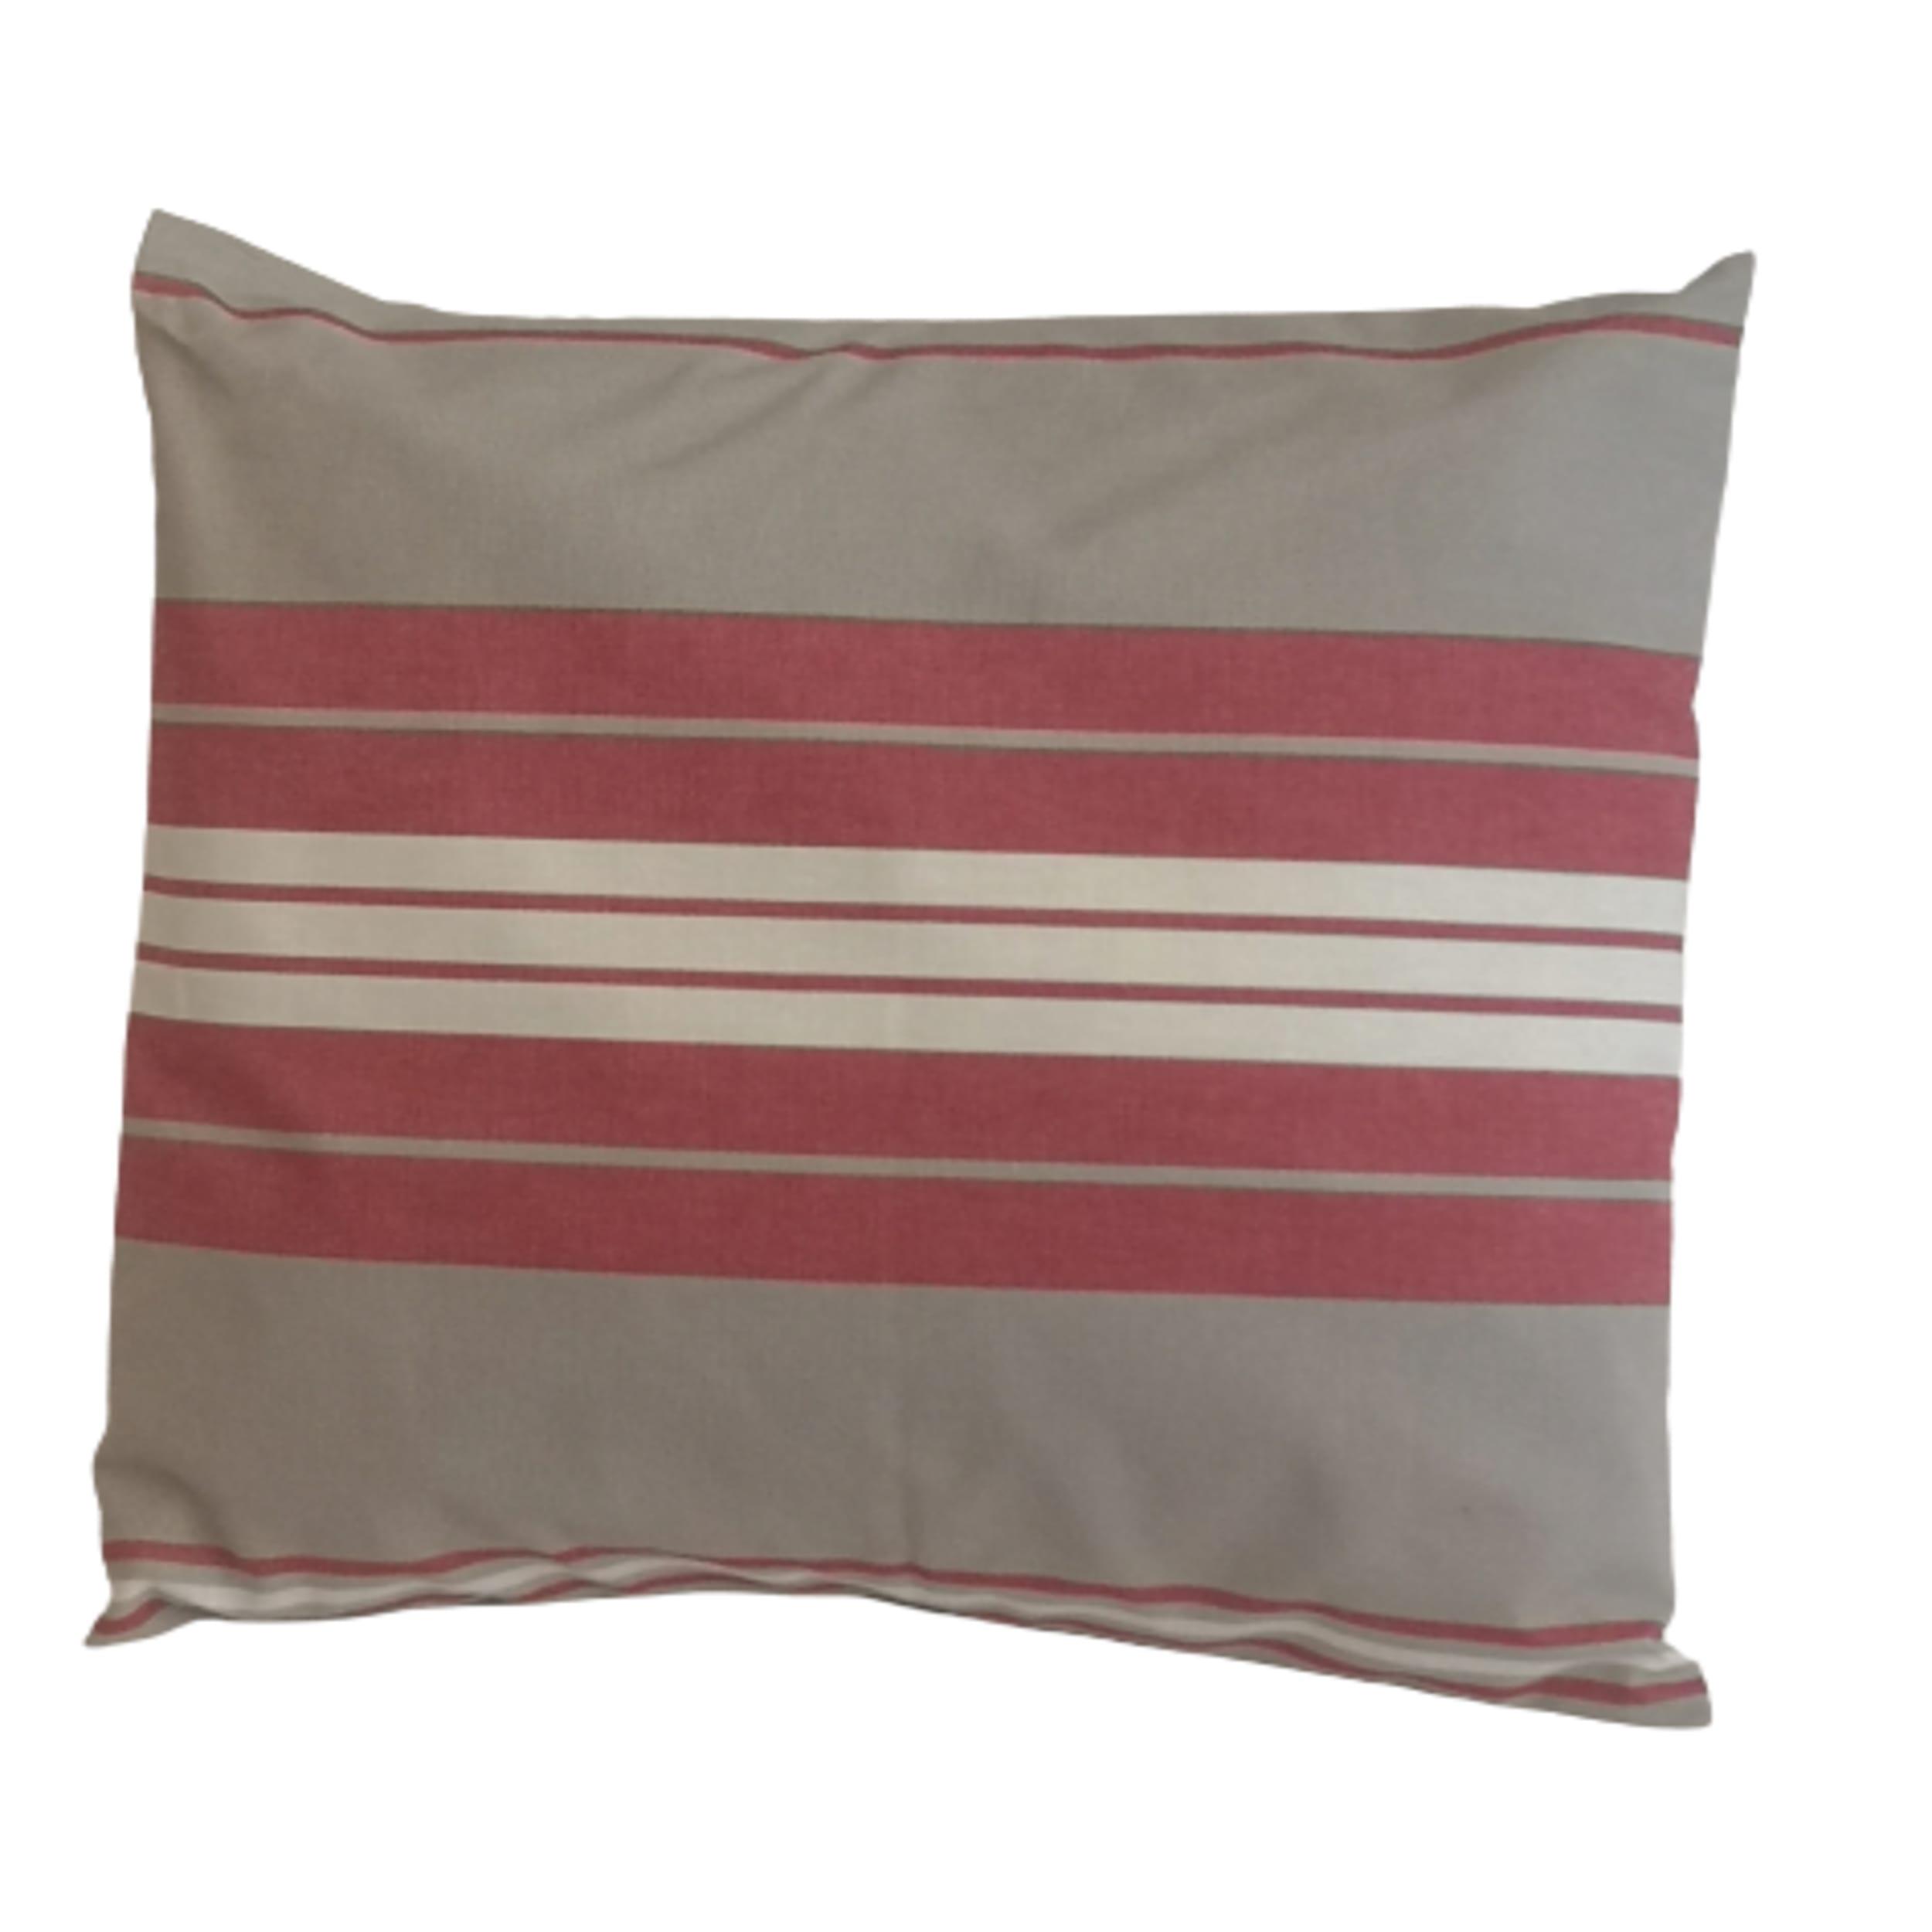 1 lot de housse de coussin 100% coton rouge  45 x 45 cm + 40x60cm